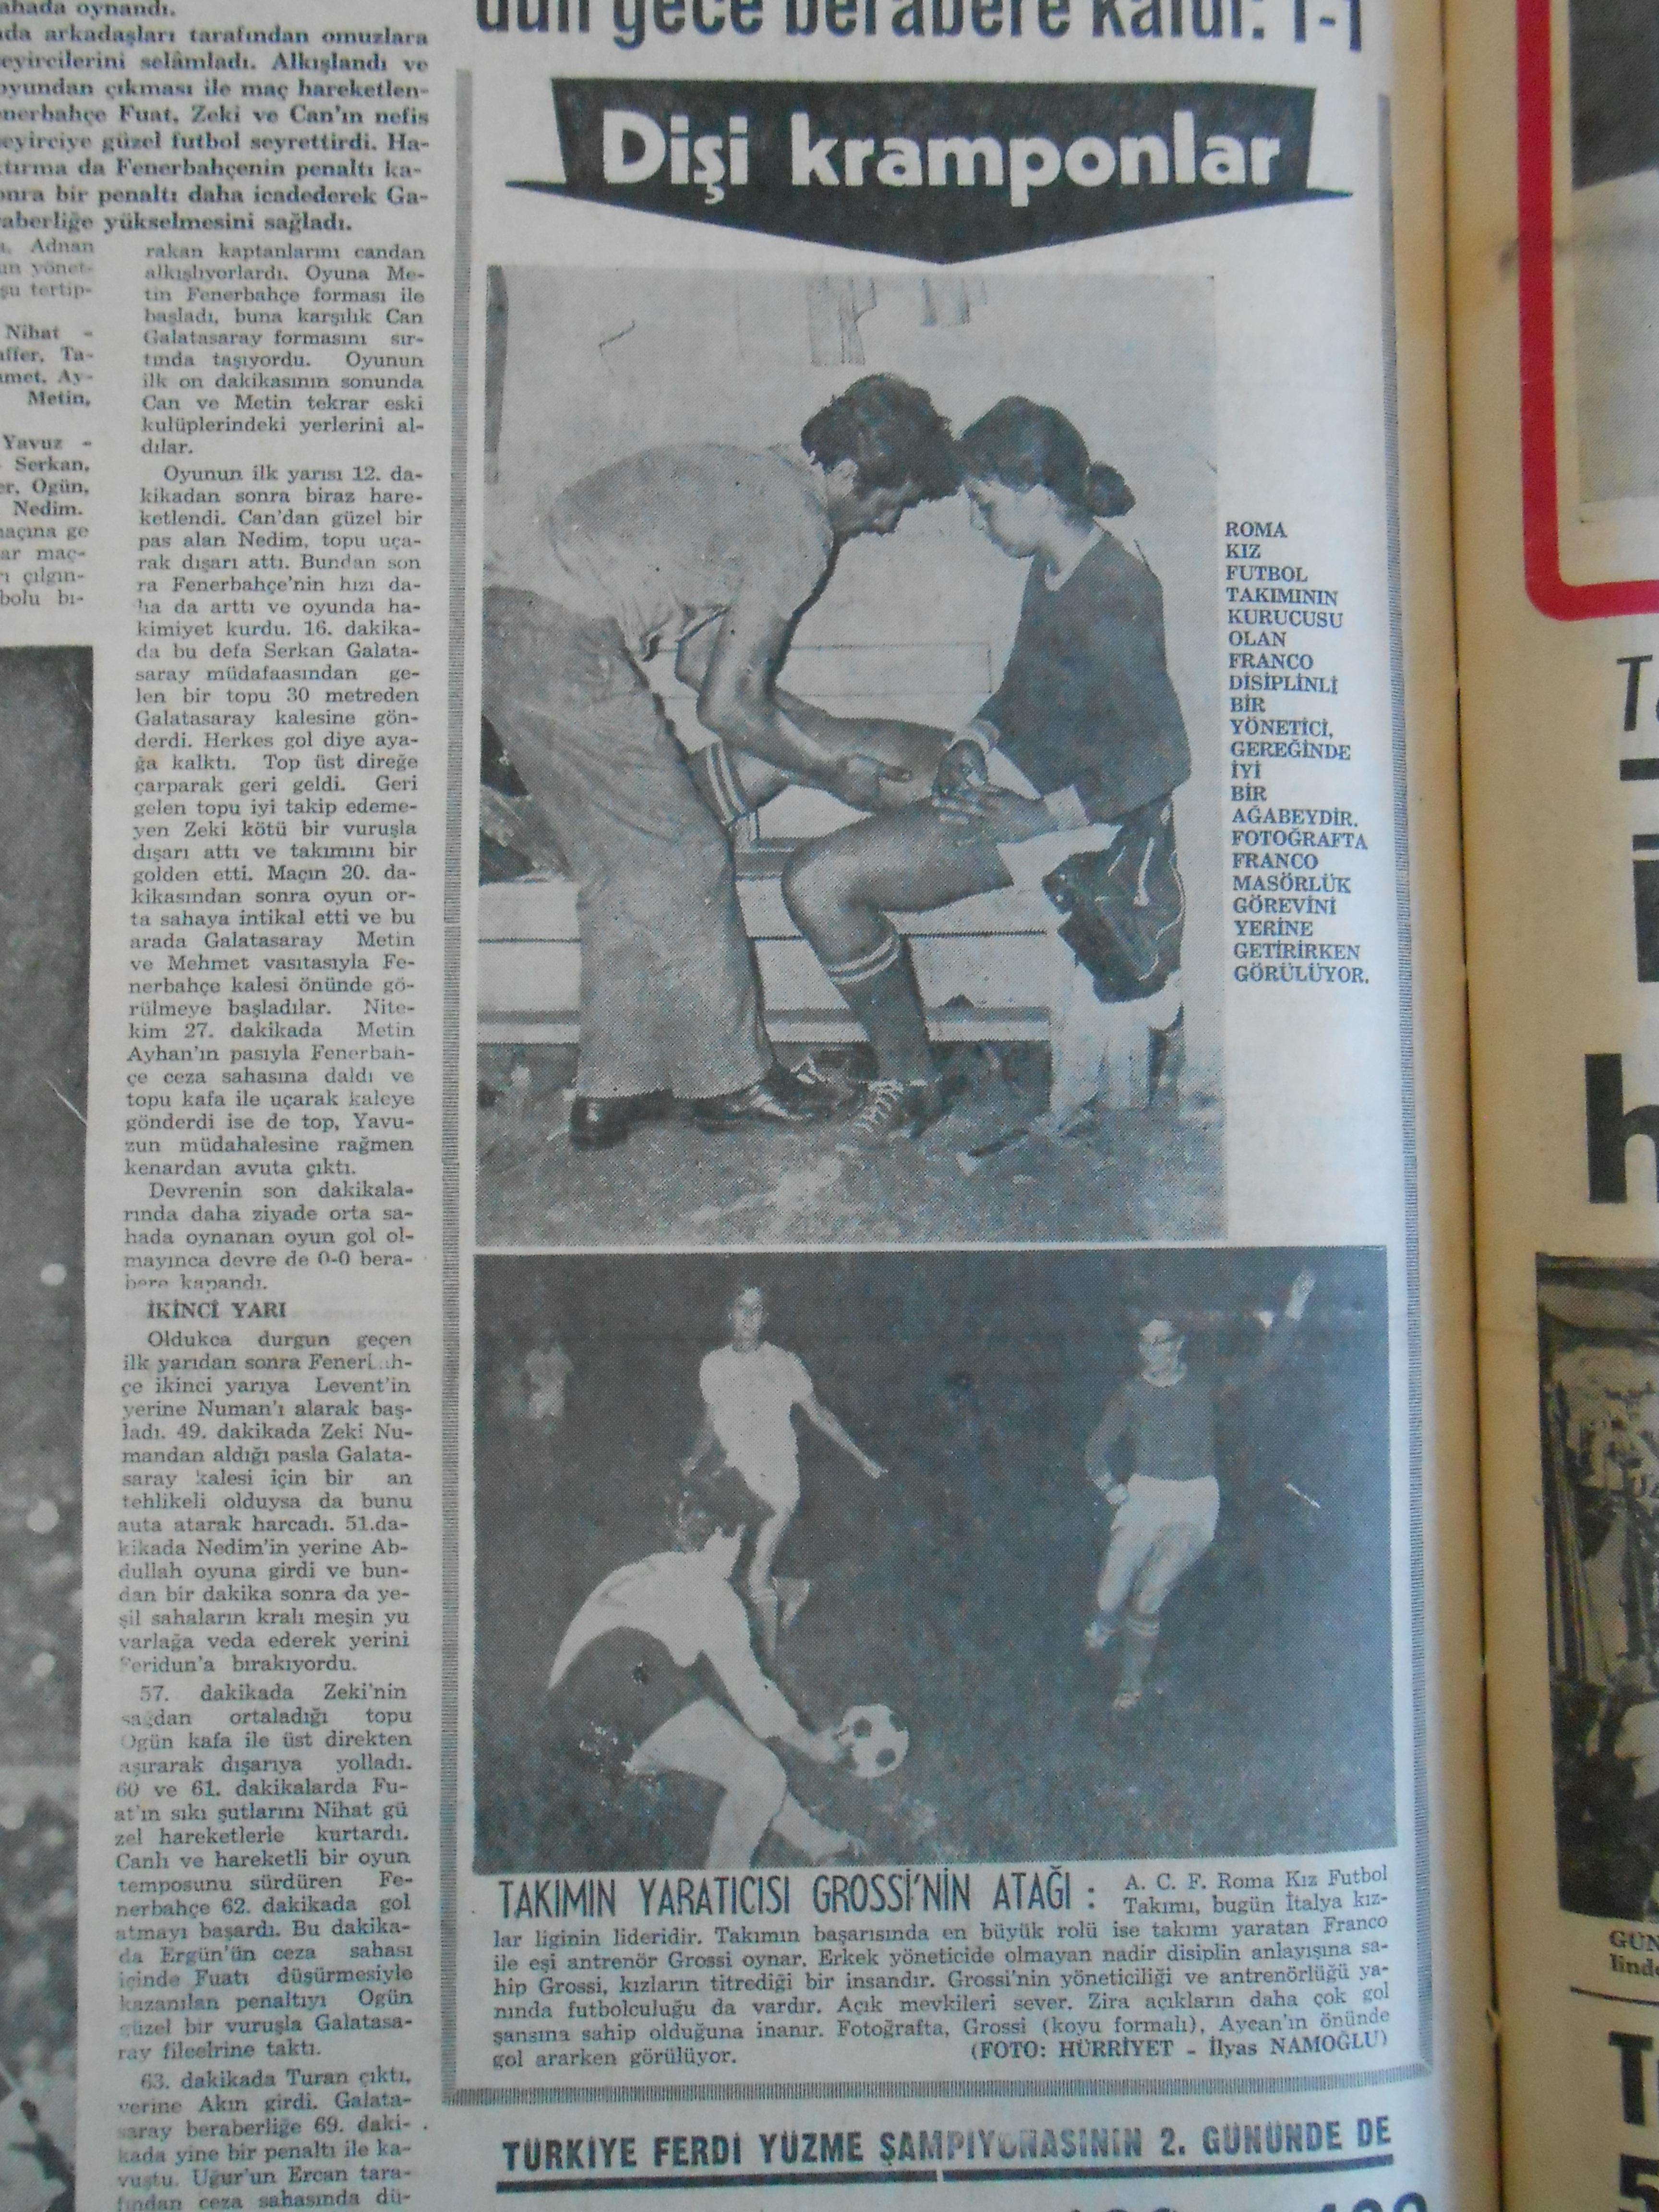 Hürriyet, 24 Ağustos 1969